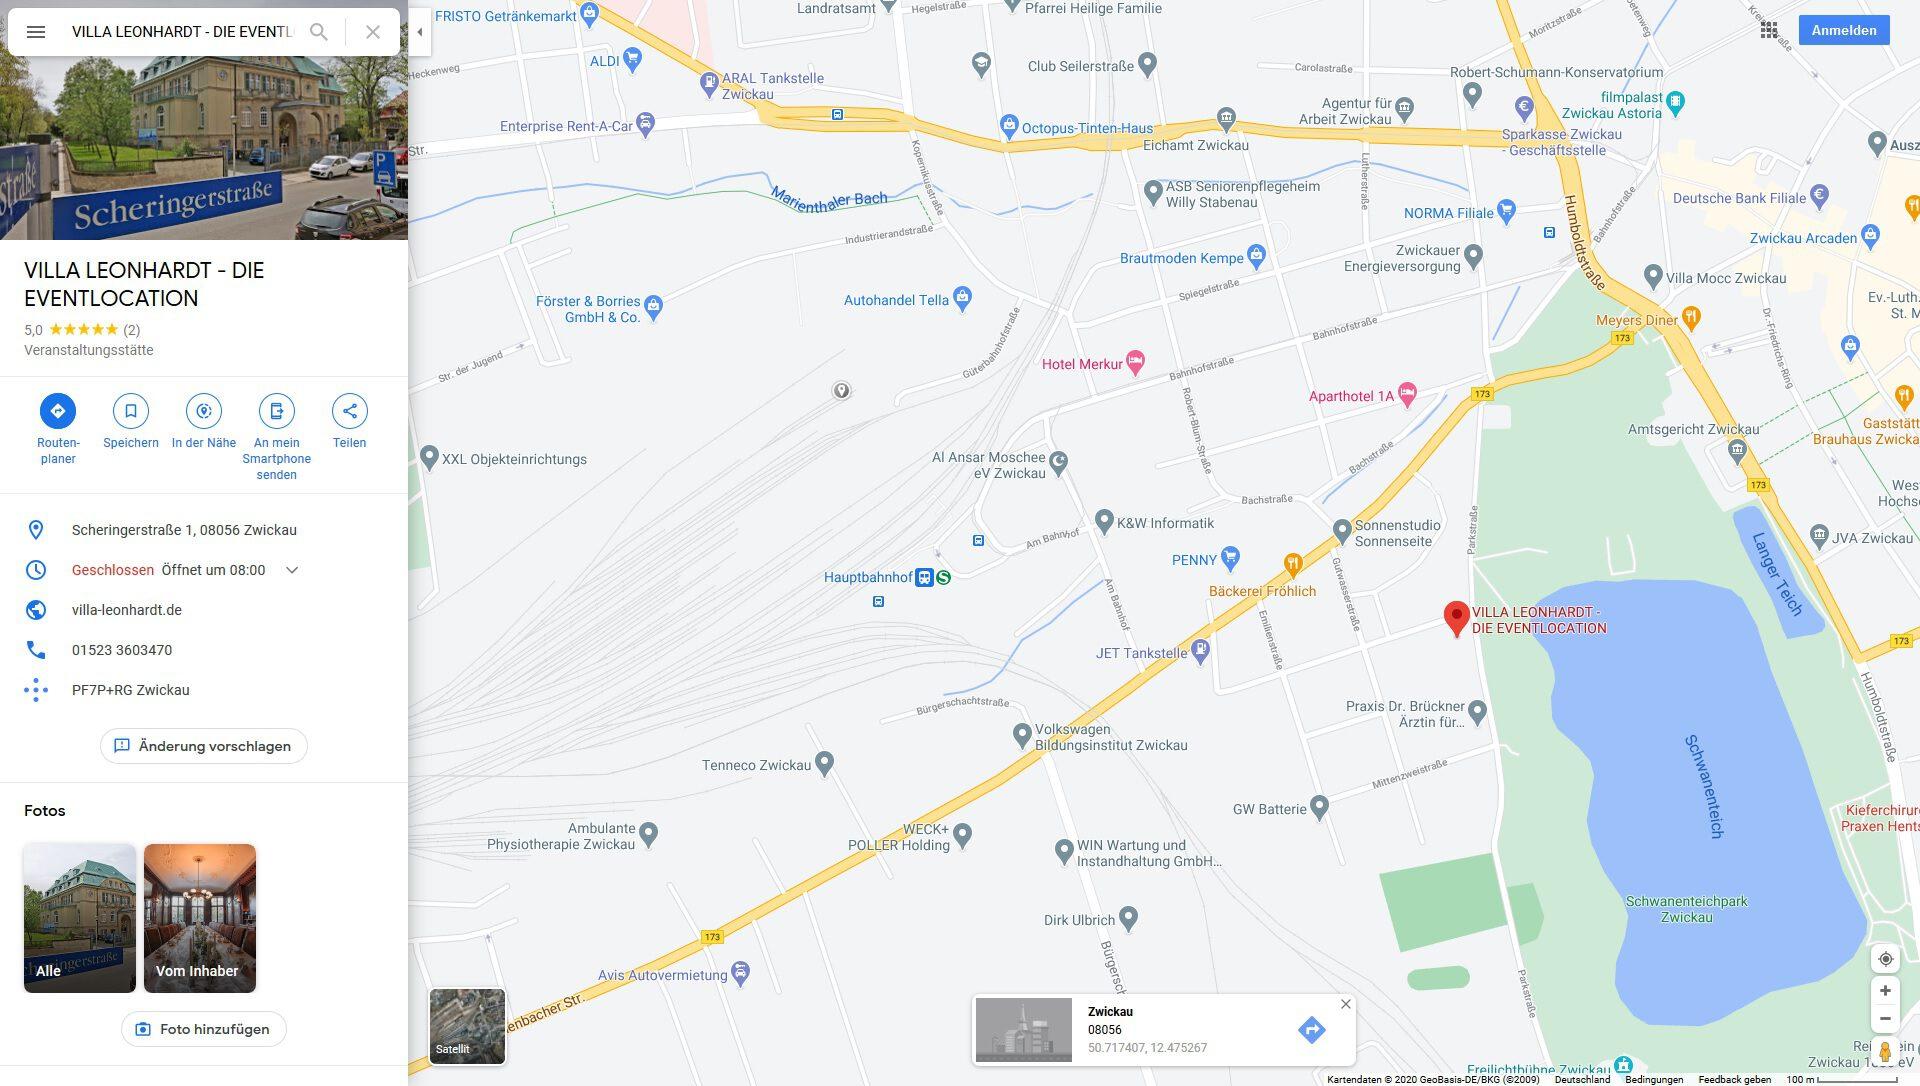 VILLA - LEONHARDTHOCHZEITEN - TAGUNGEN - EVENTS